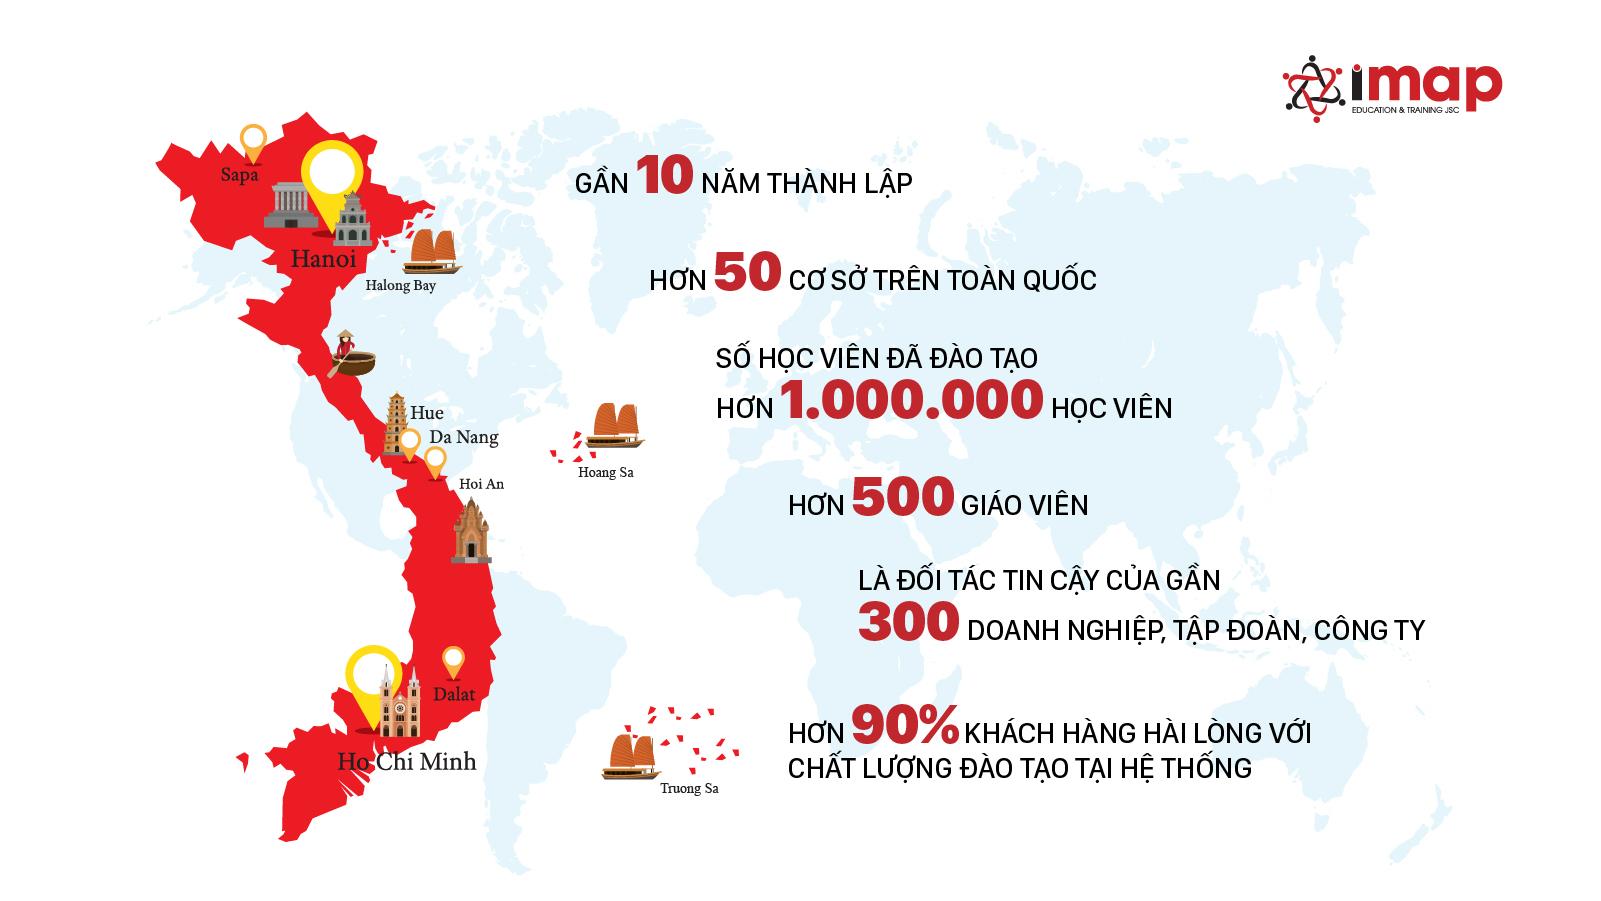 Công ty IMAP Việt Nam 40 cơ sở